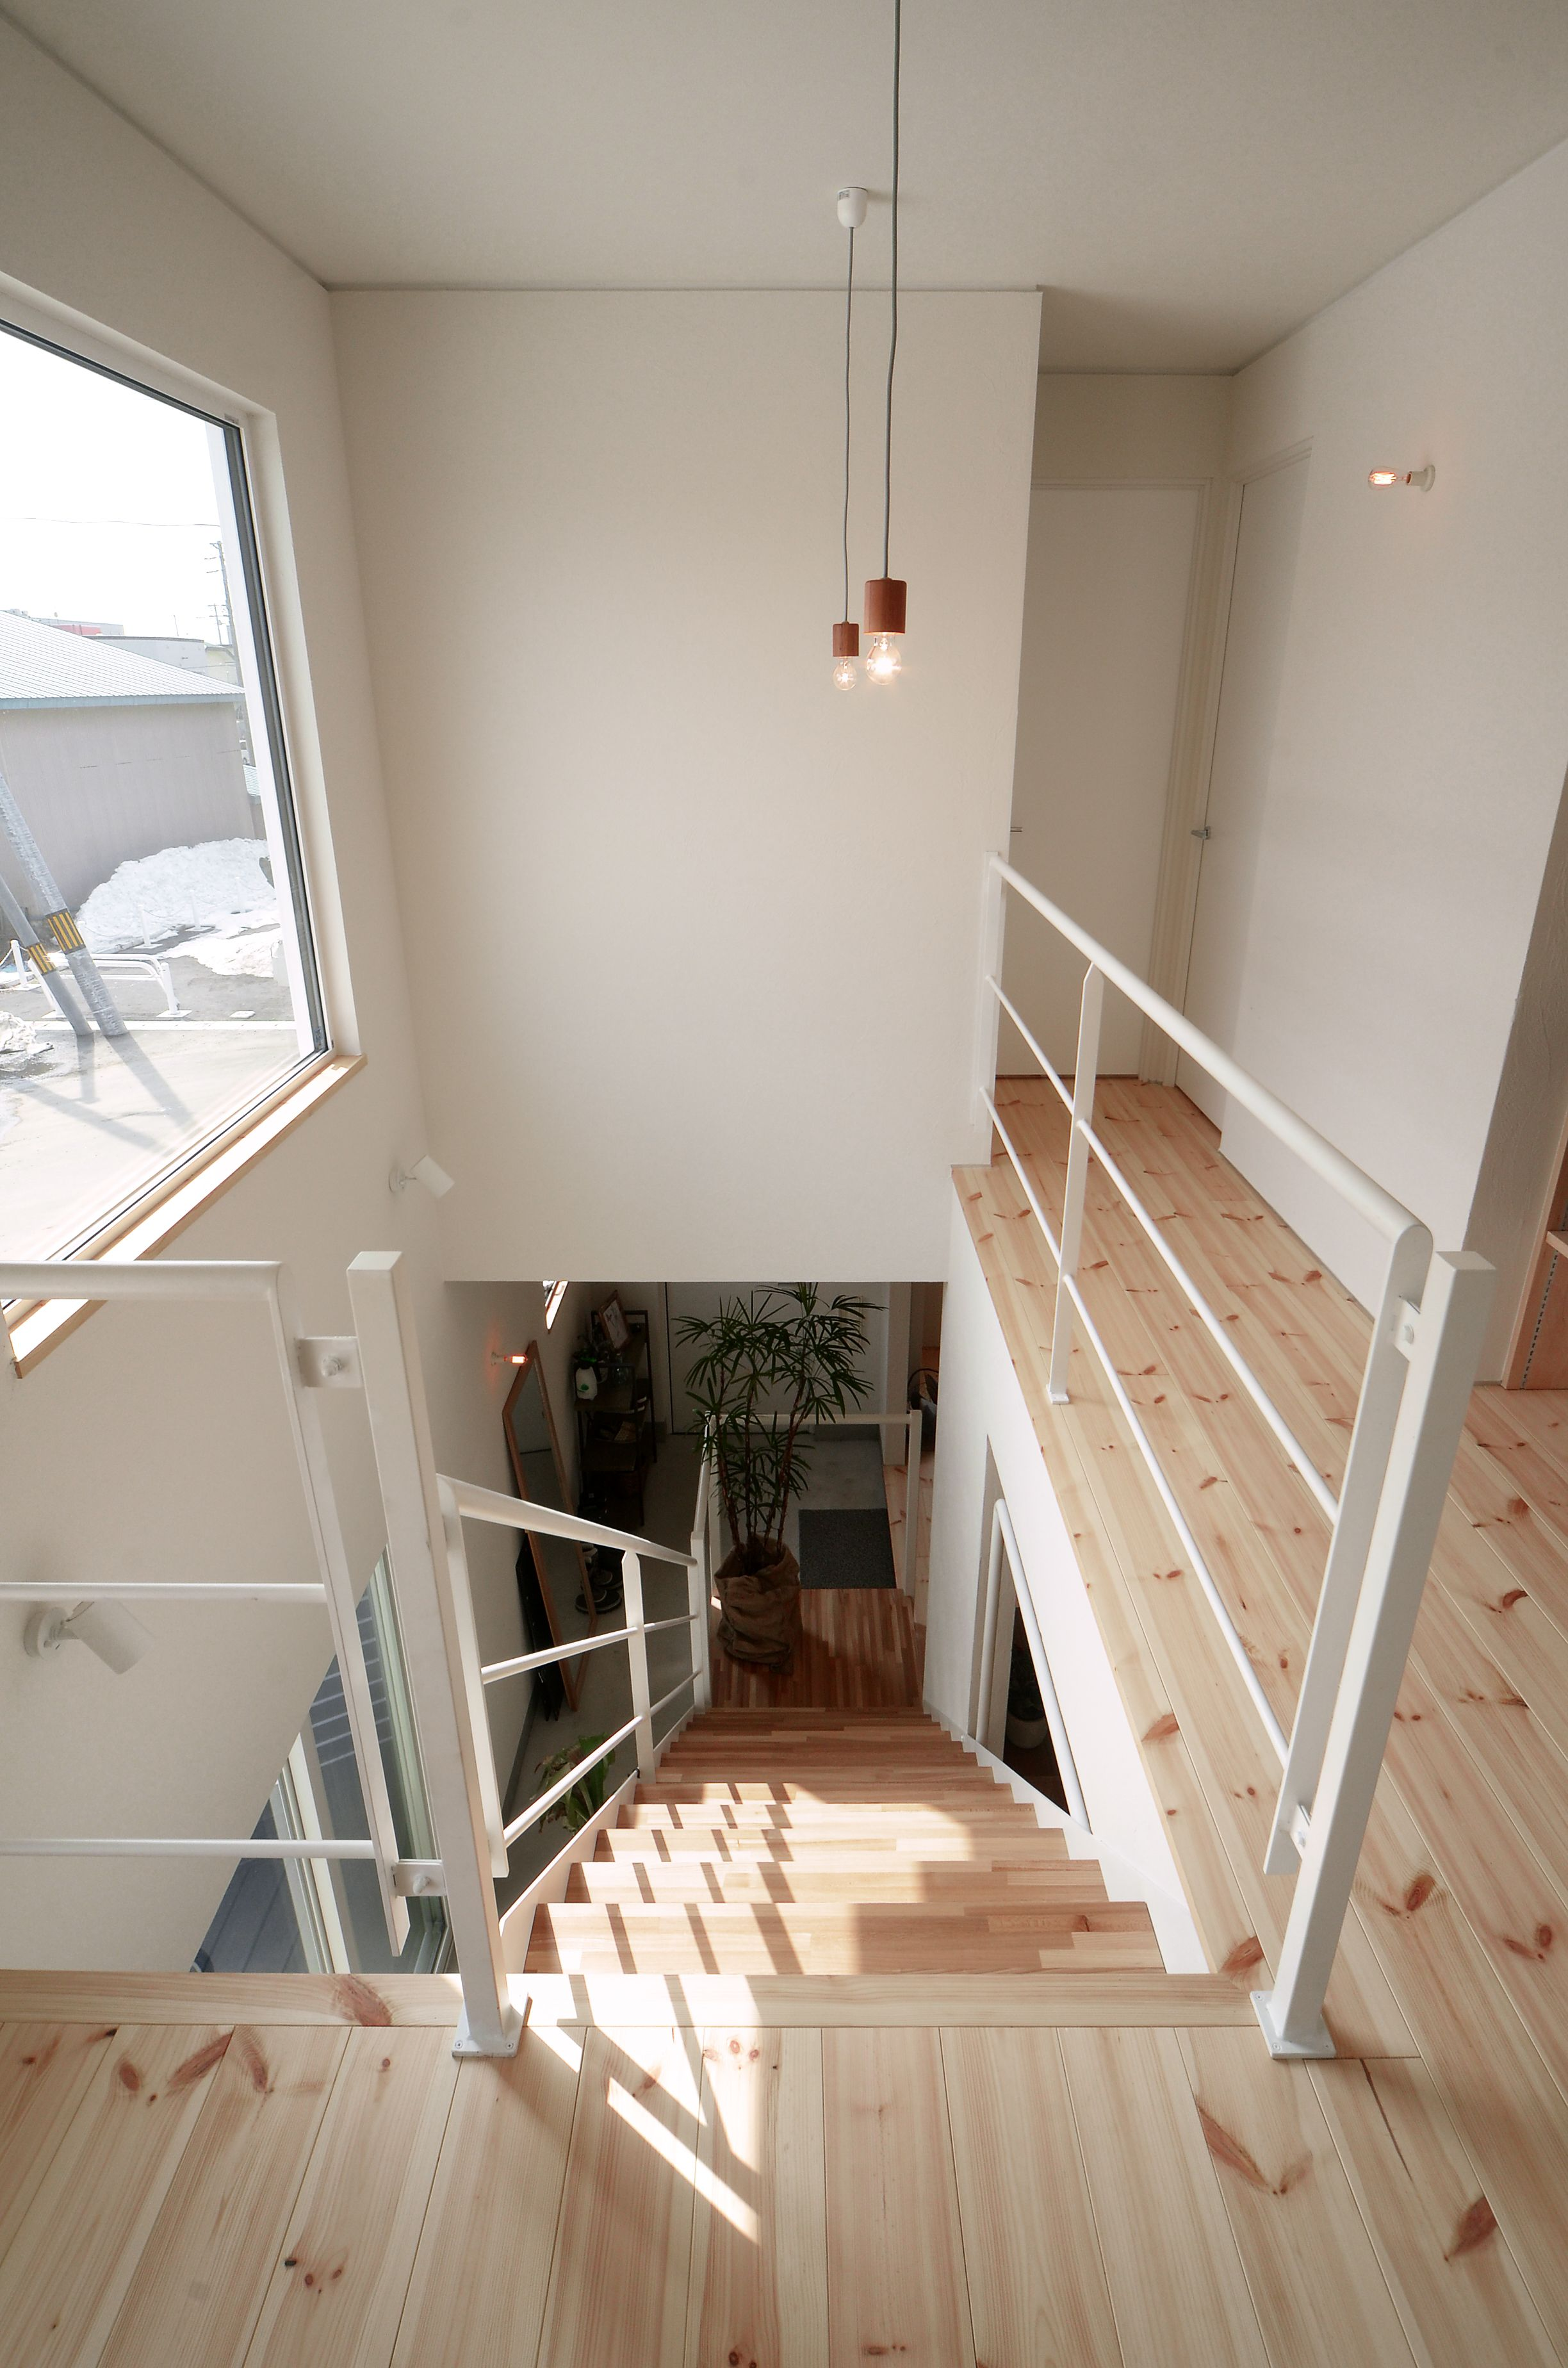 吹抜け階段で 2階の光が1階へ届き 繋がりを感じられます 部屋